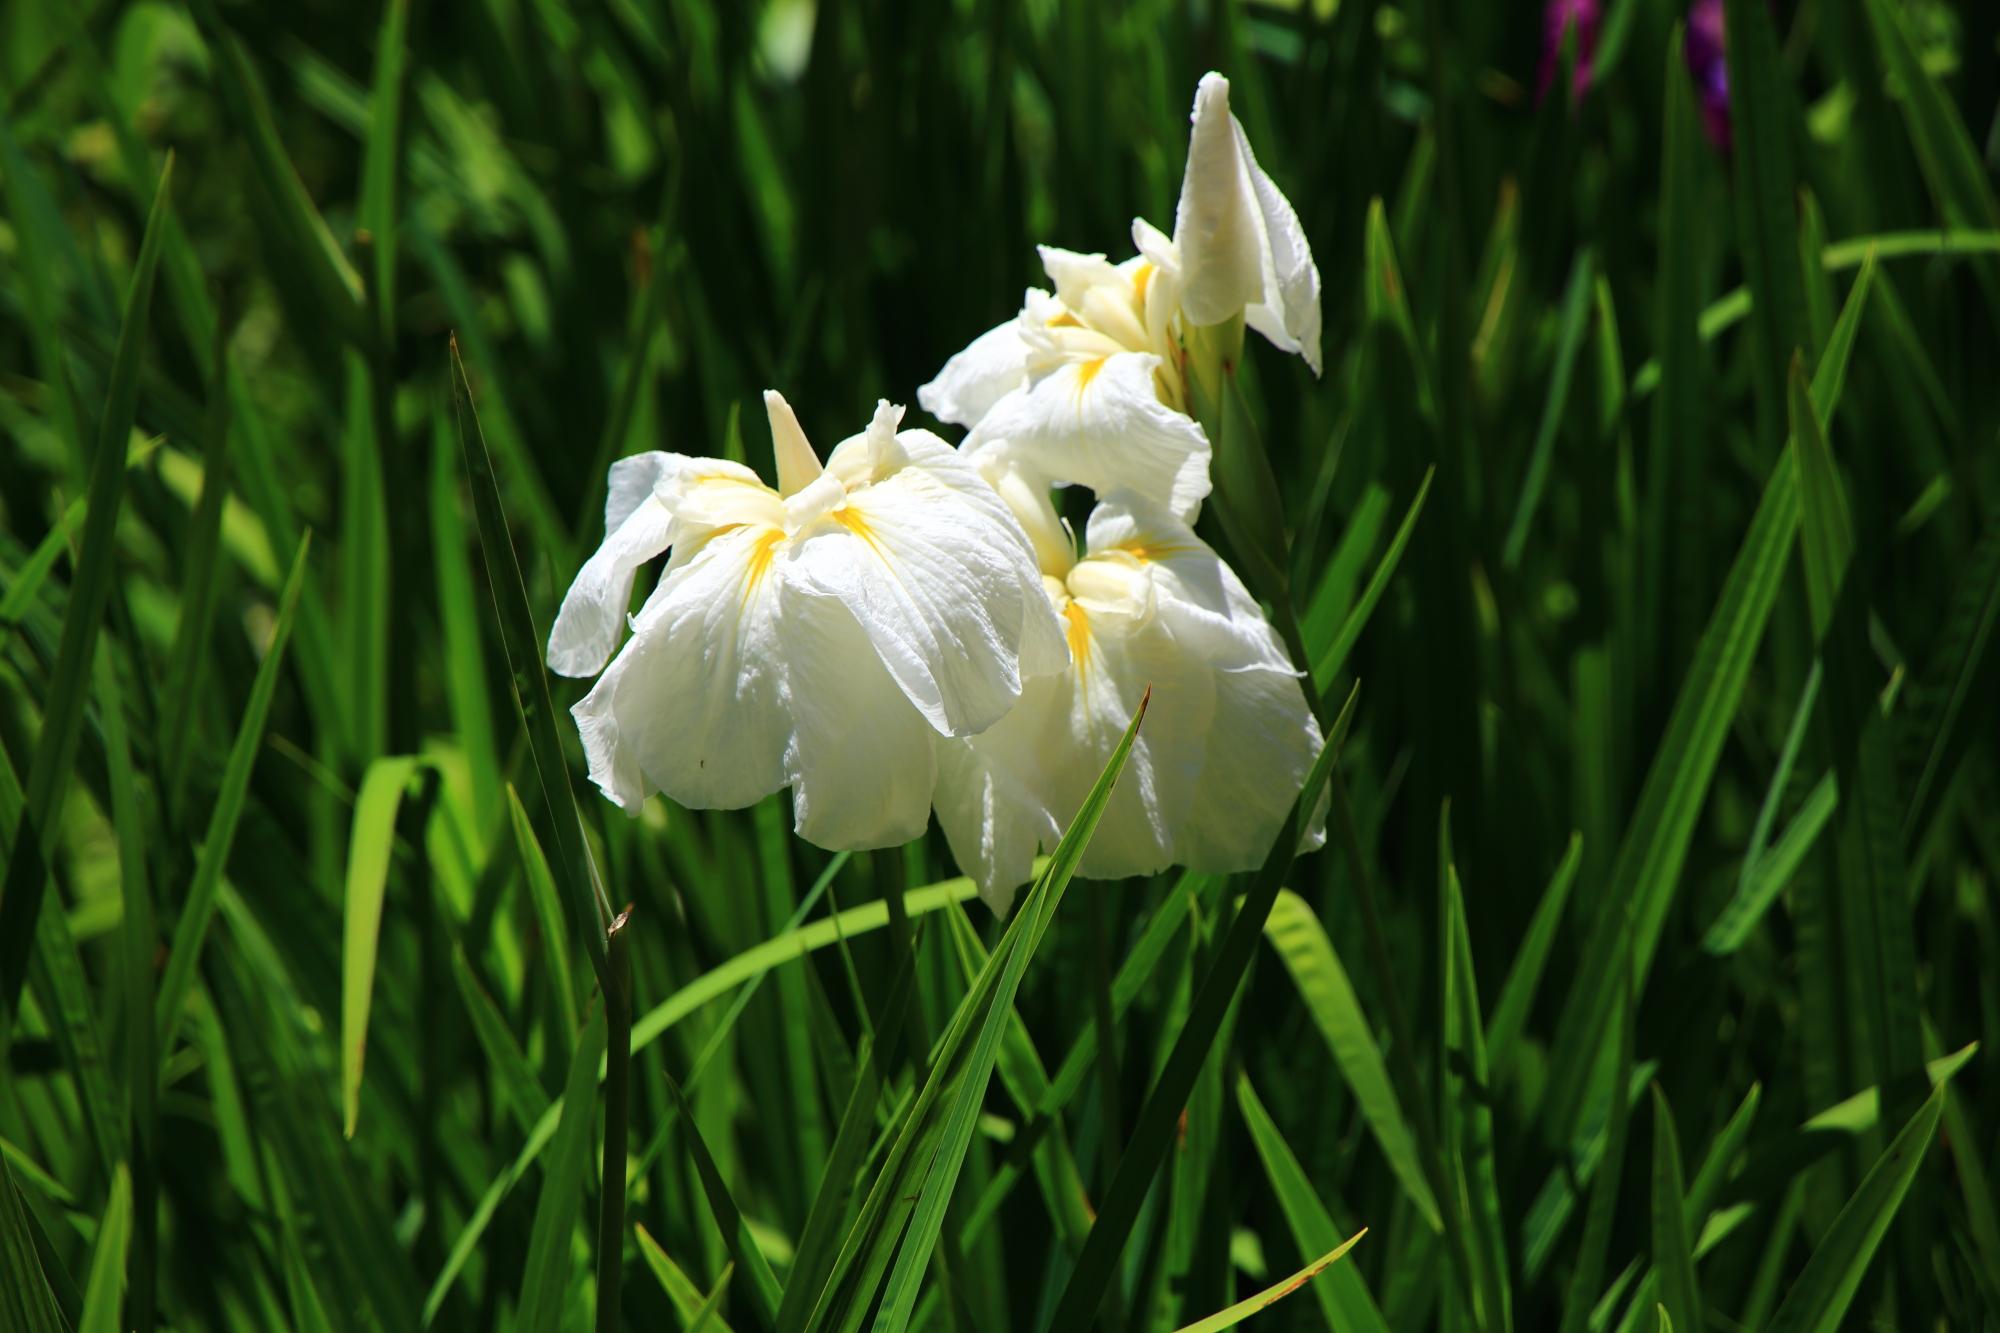 梅宮大社の緑の中で華やかに輝く花菖蒲